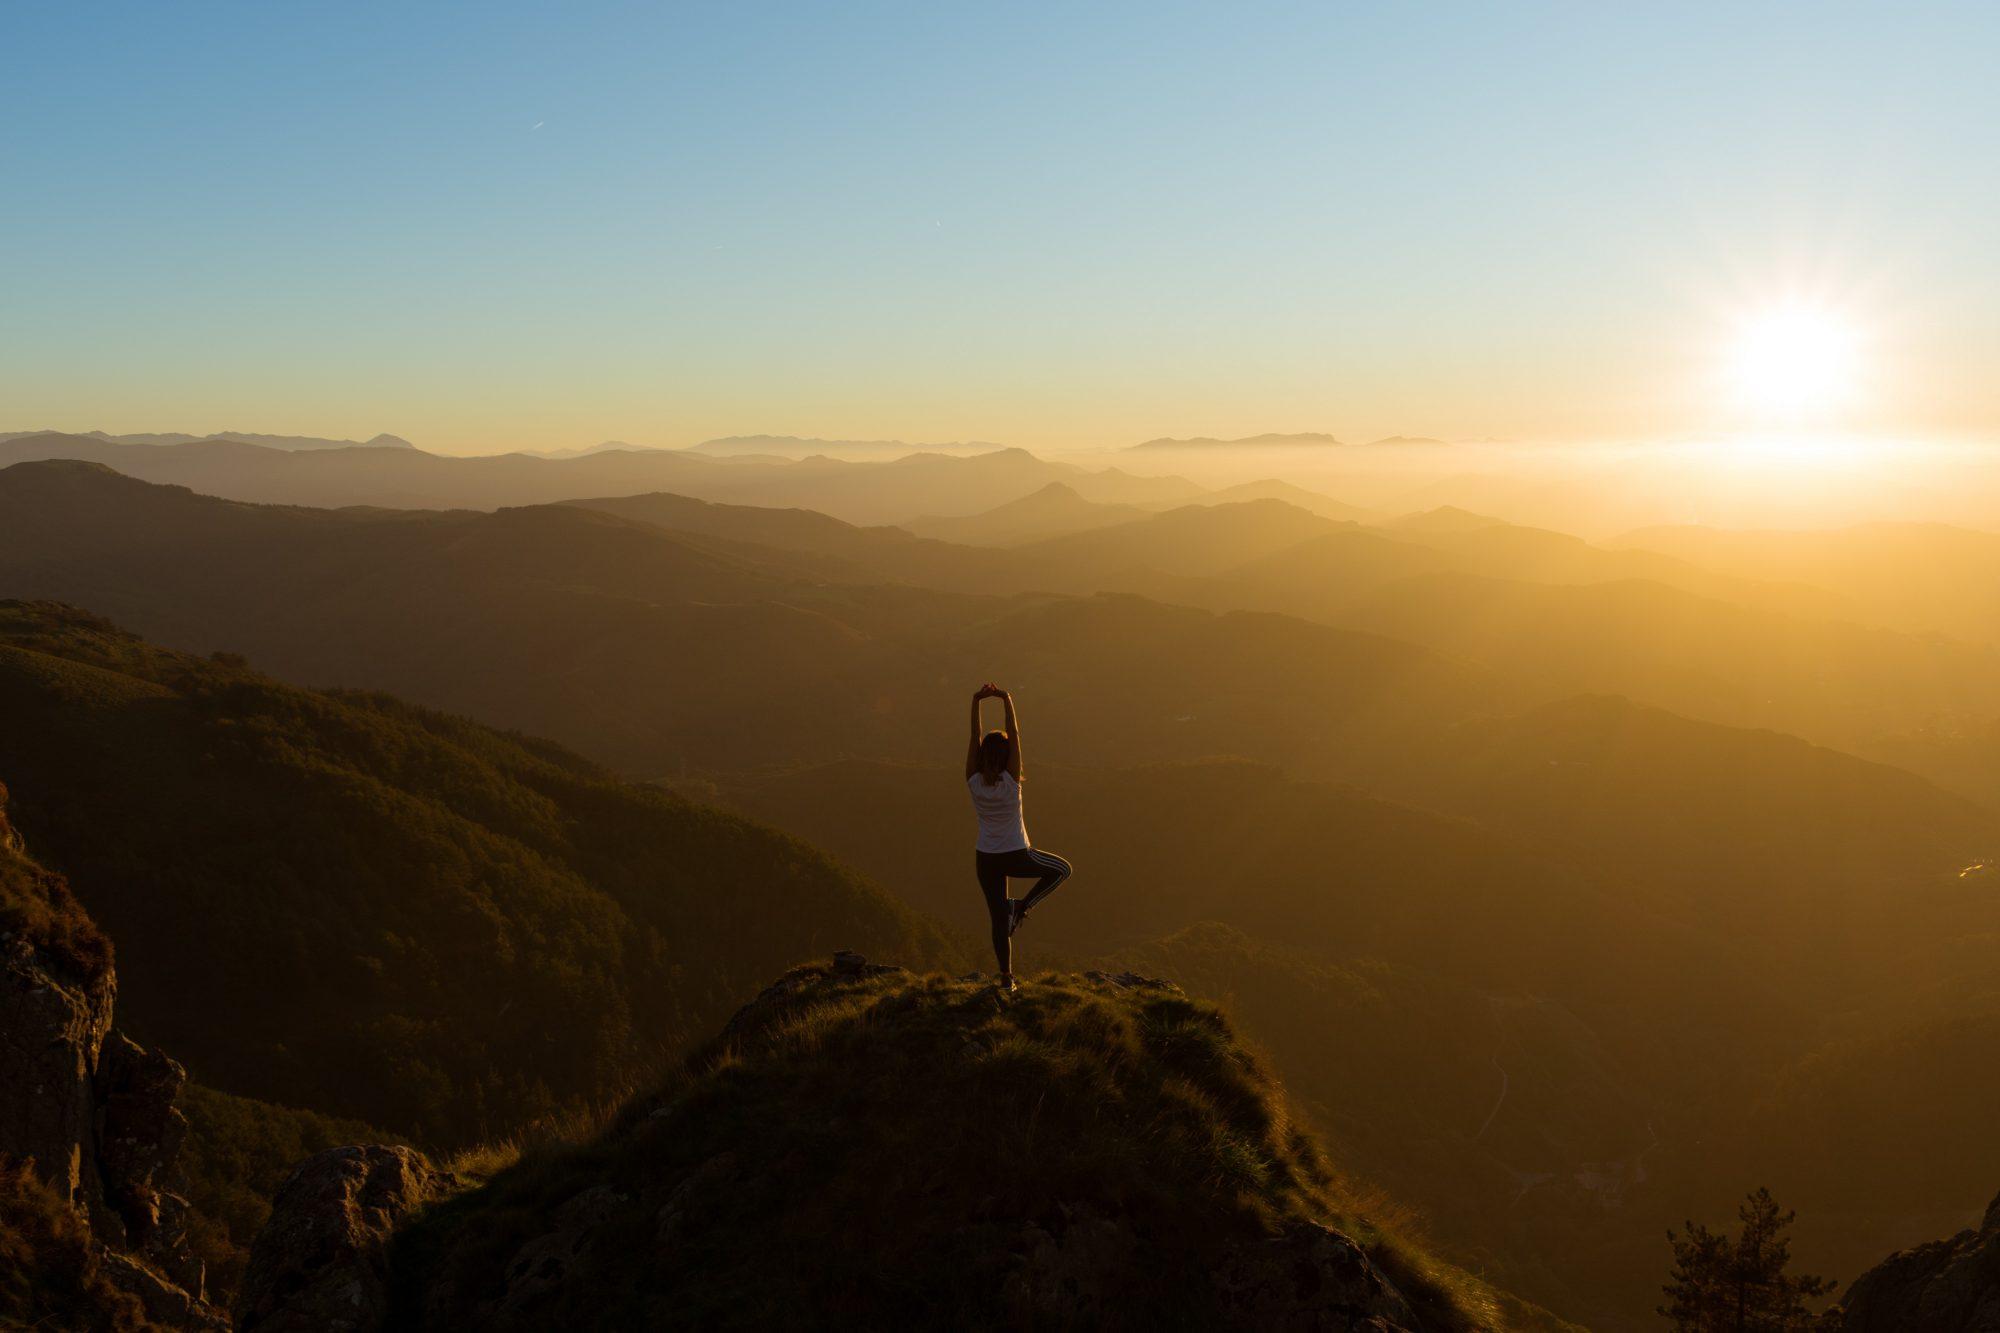 Une femme fait un figure de yoga sur un rocher tout en contemplant le coucher de soleil